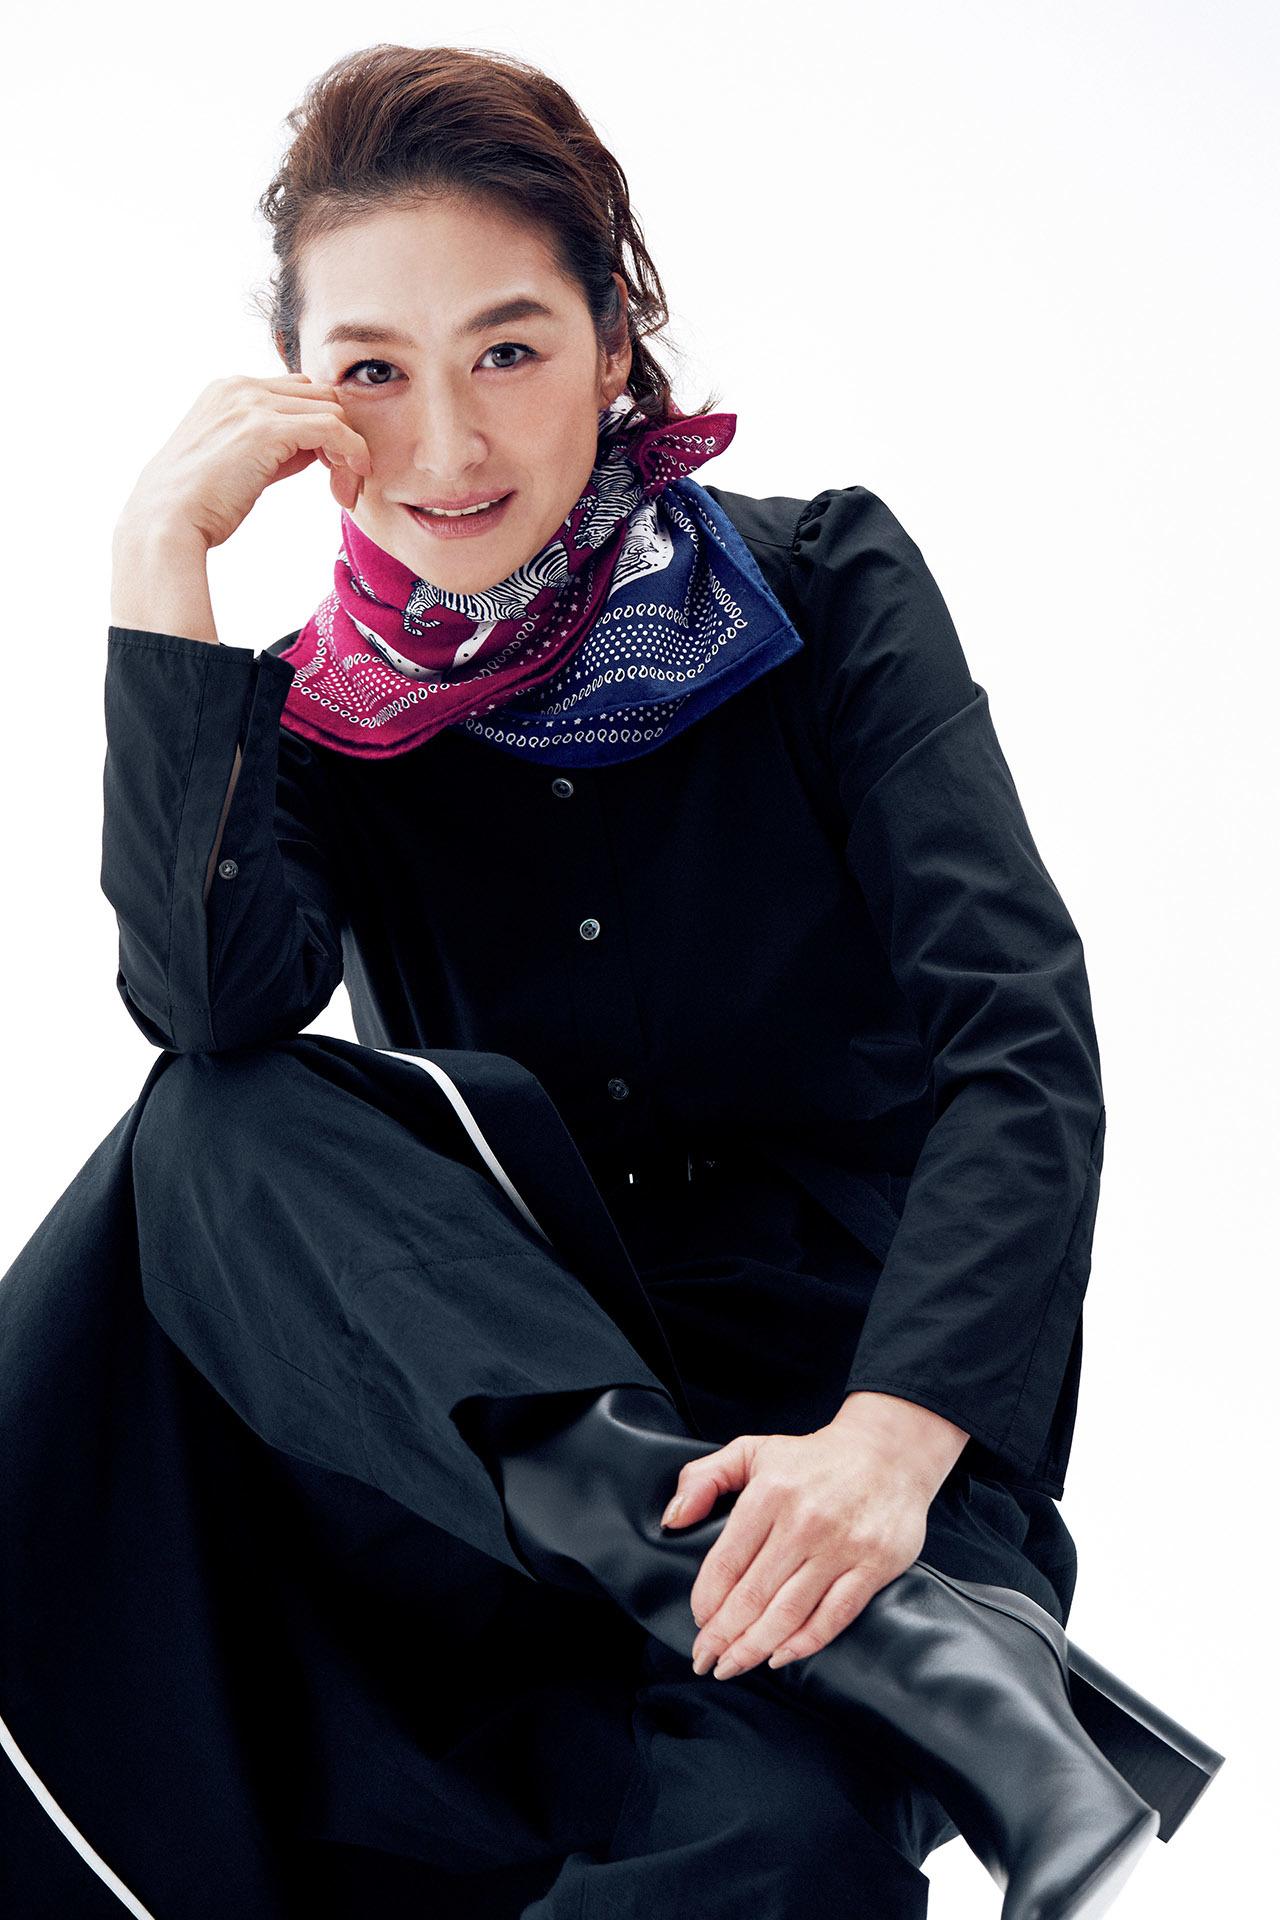 亜希、エルメスのスカーフをまとう 五選_1_1-2